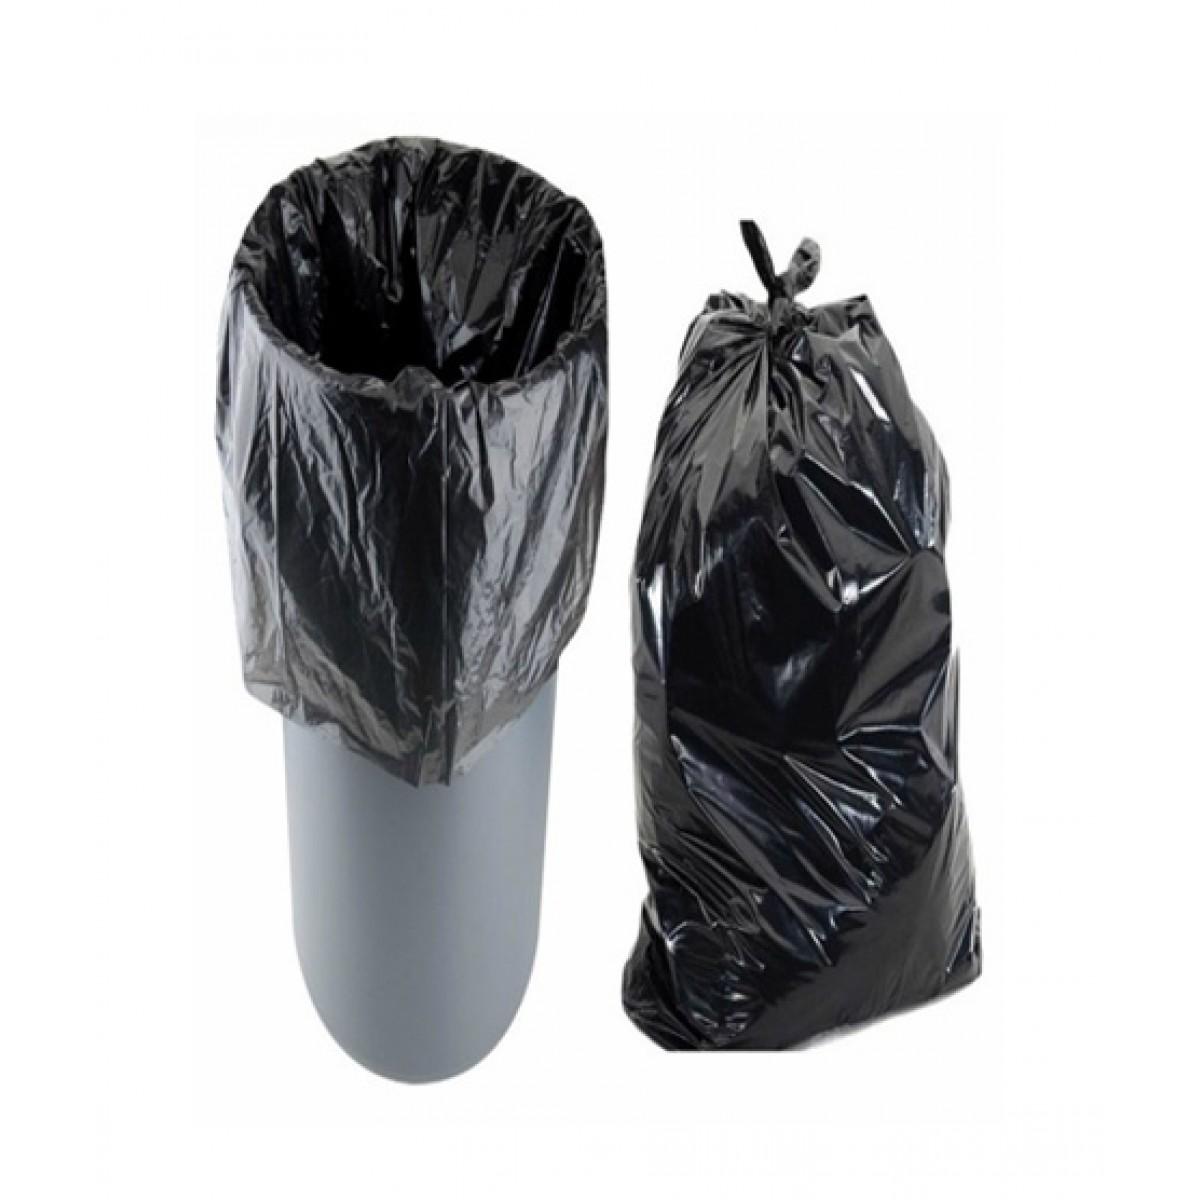 Fastrade Garbage Bags Black